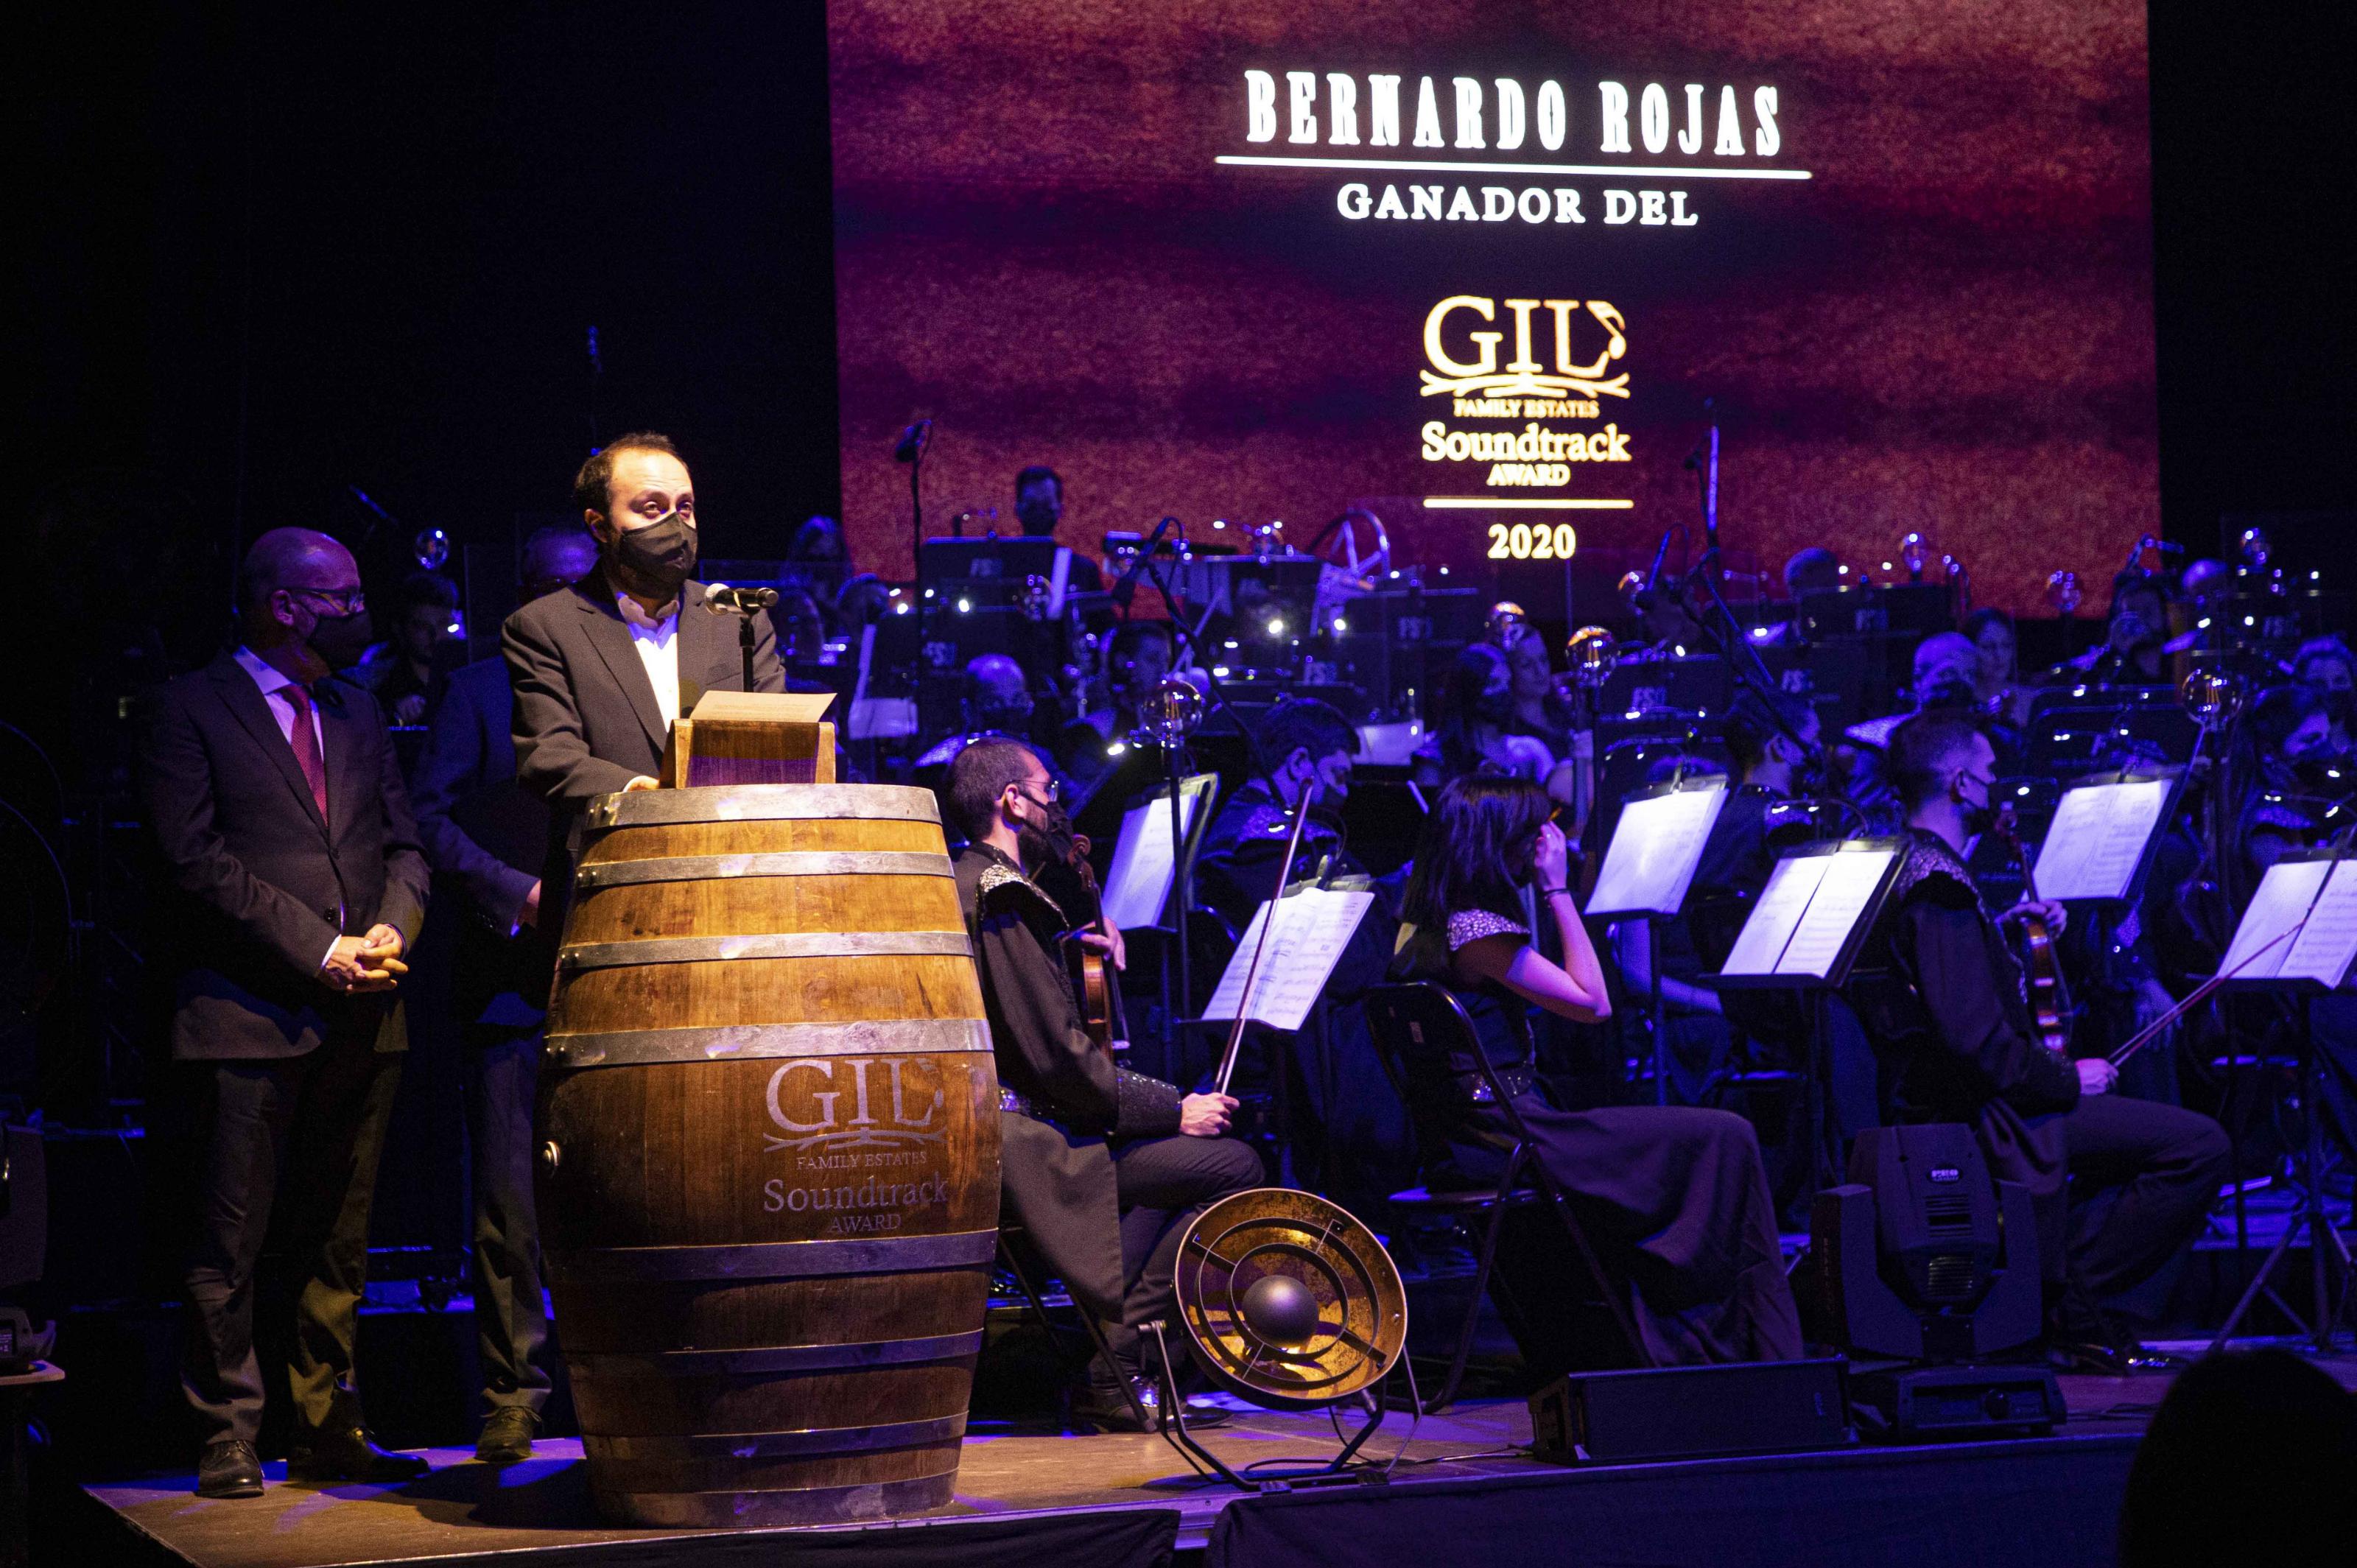 Gil Soundtrack Award